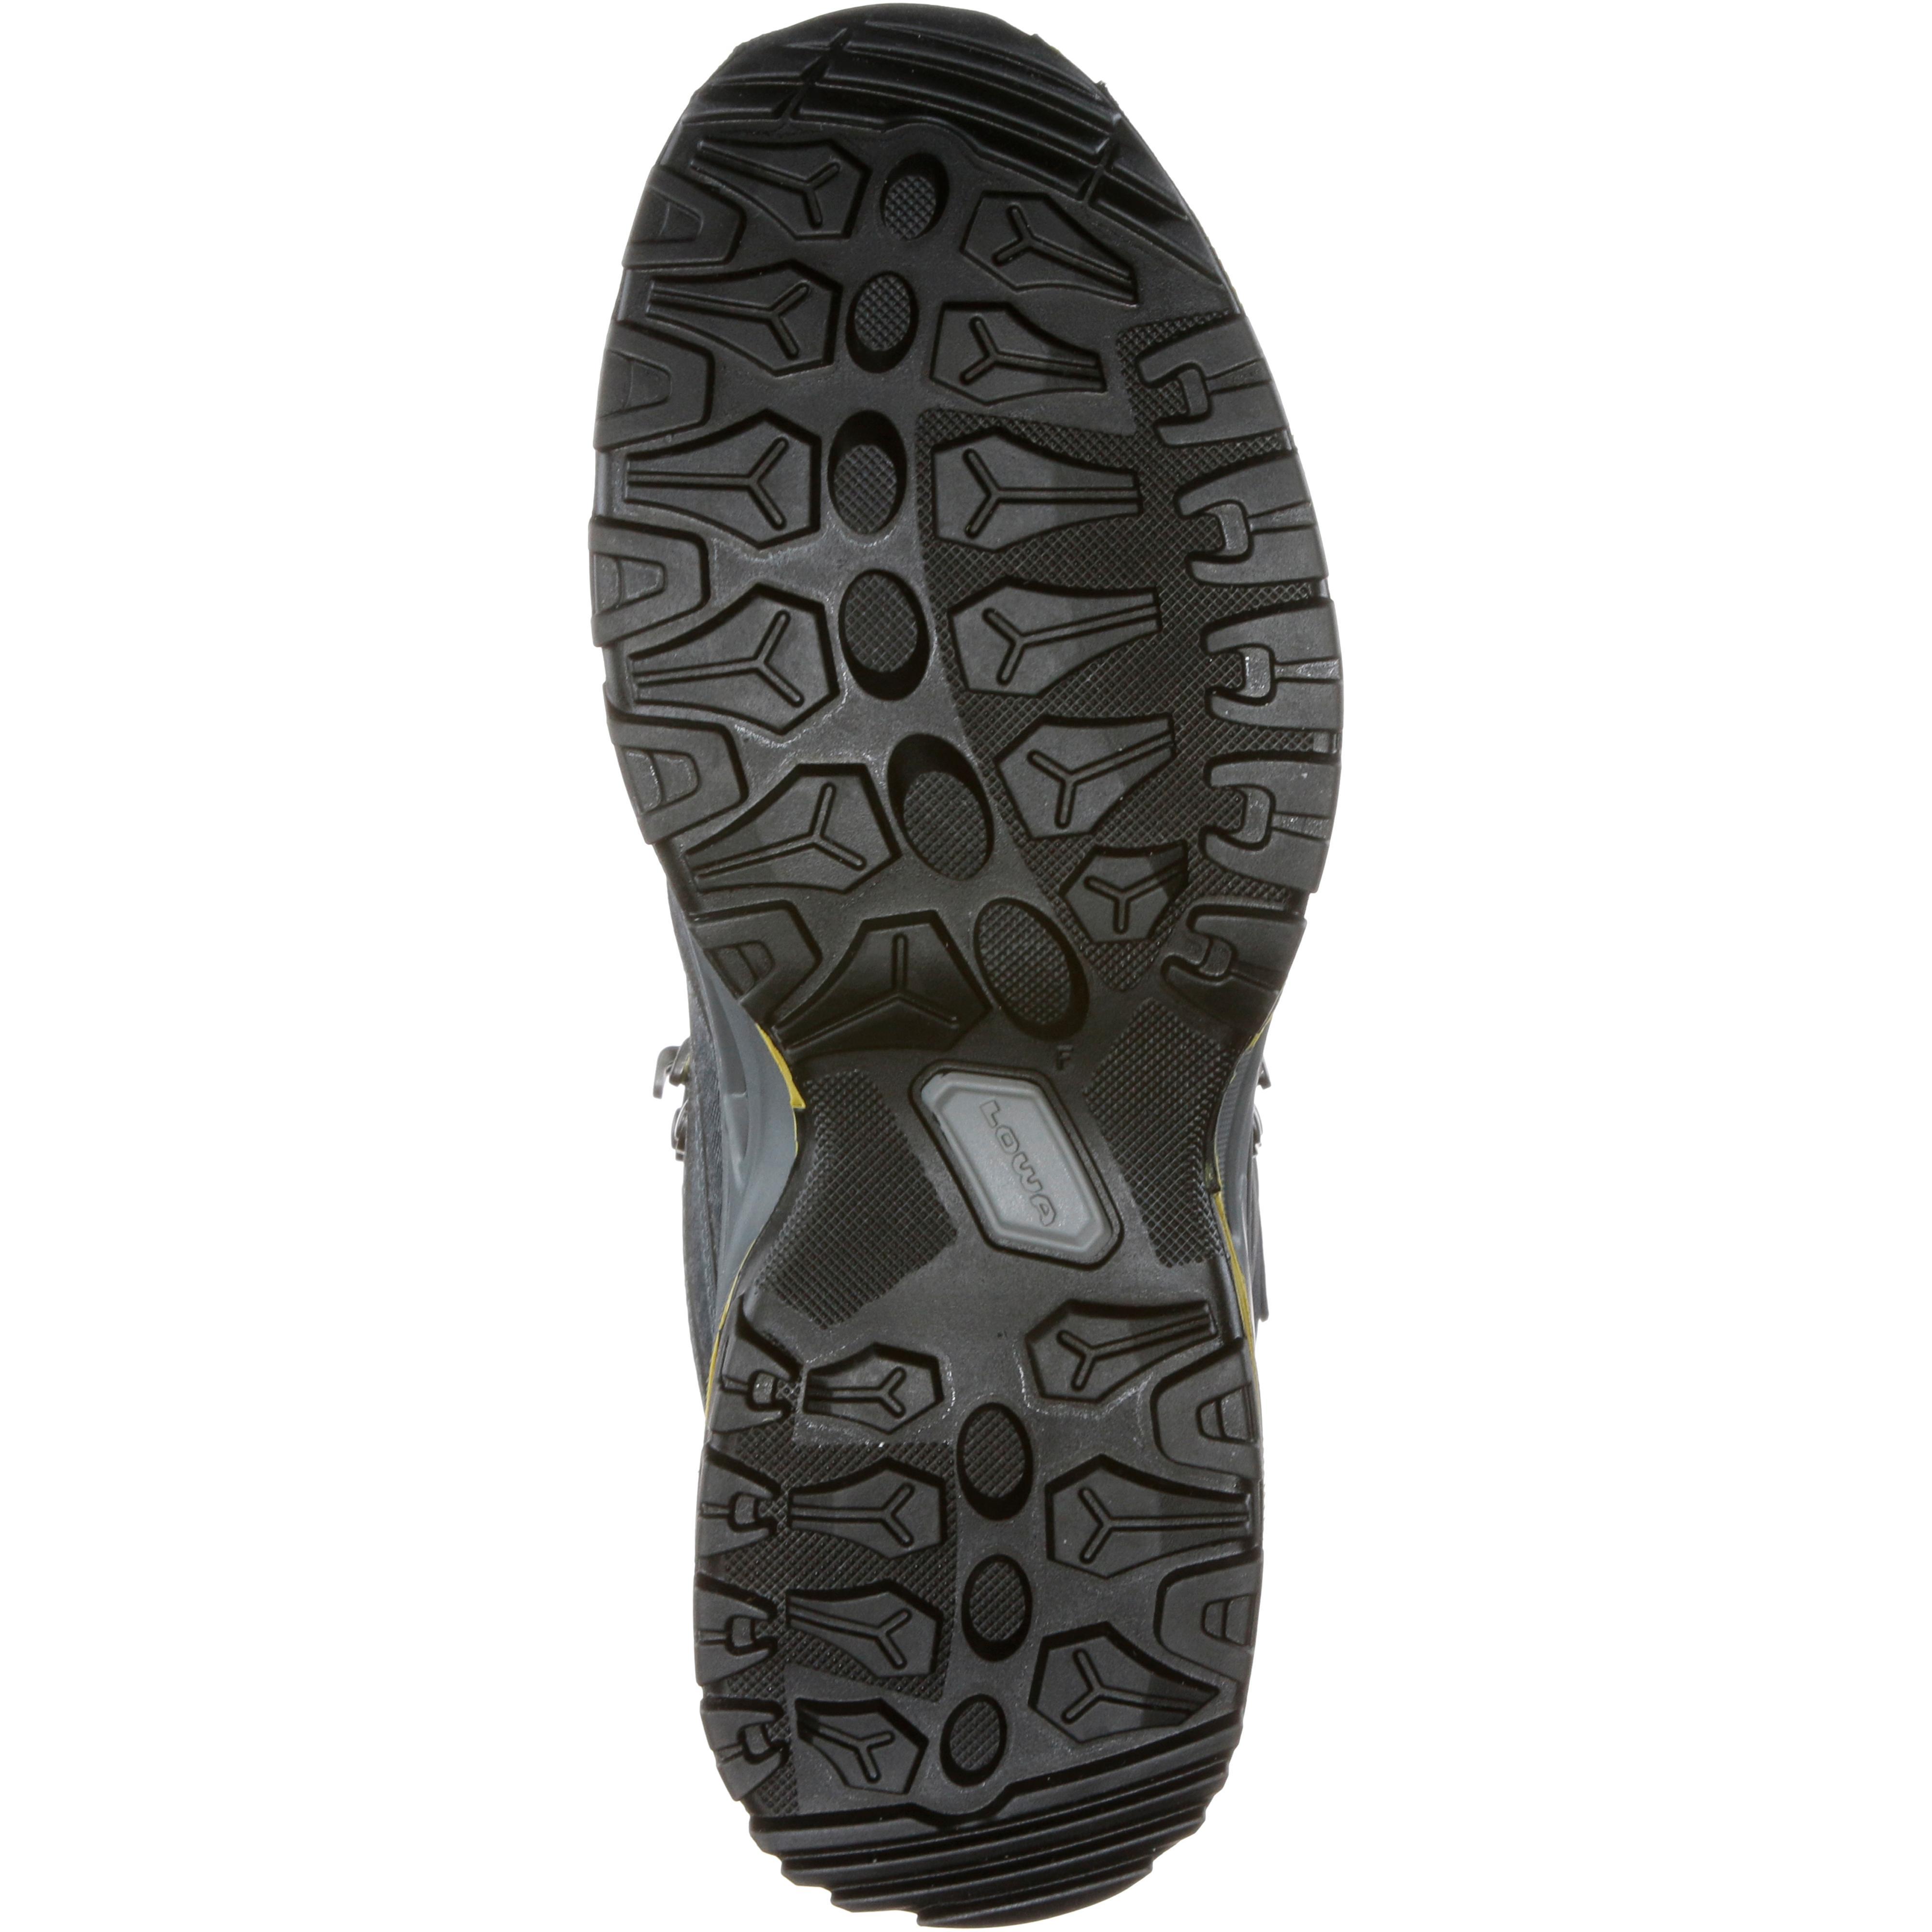 Lowa INNOX GTX® MID Wanderschuhe Herren stahlblau-senf stahlblau-senf stahlblau-senf im Online Shop von SportScheck kaufen Gute Qualität beliebte Schuhe eaf4e5